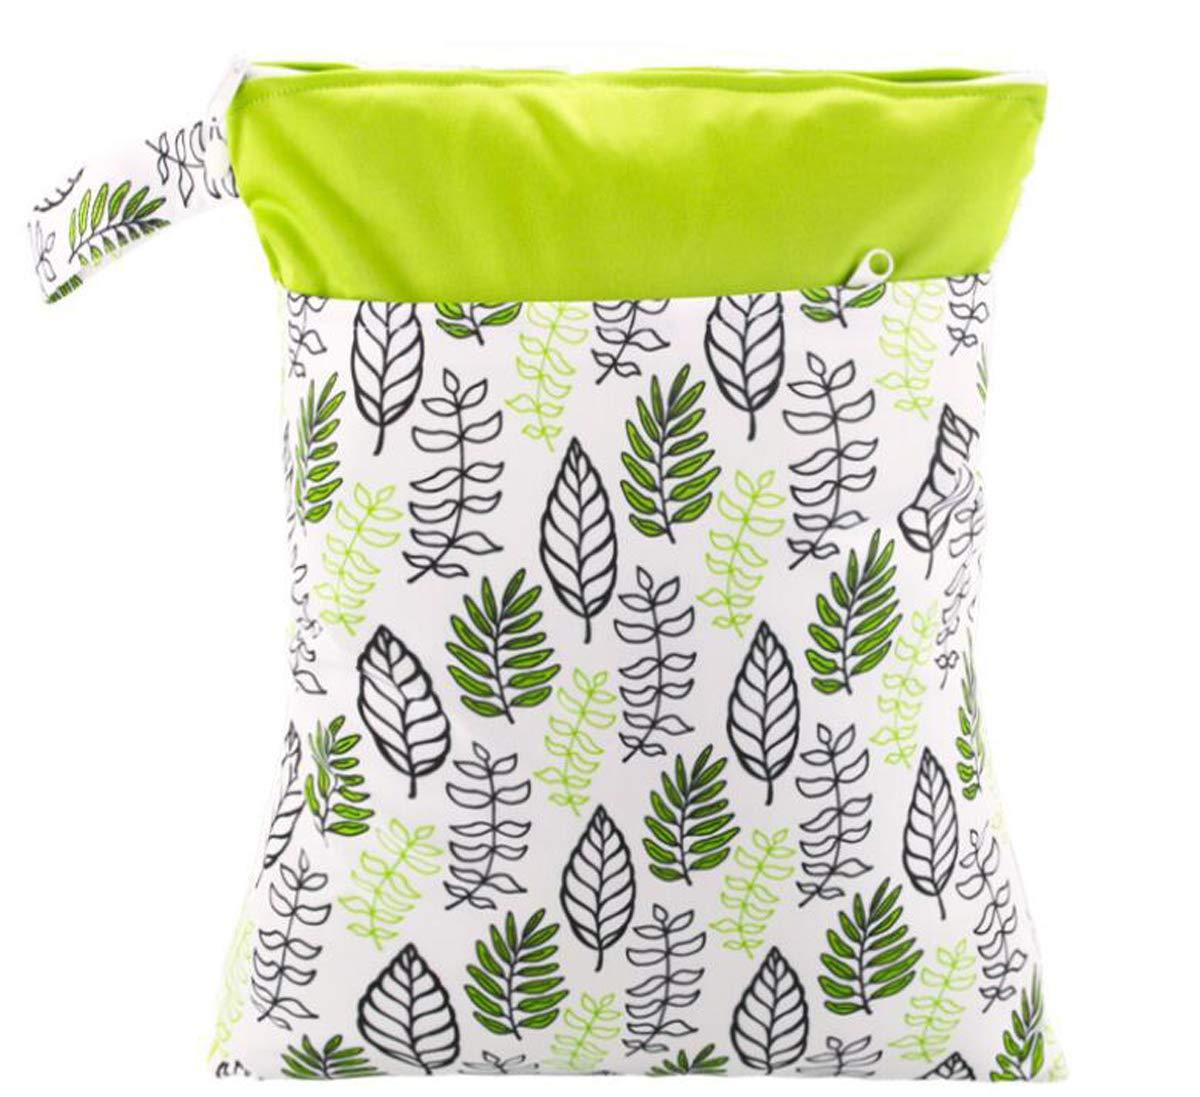 sable Wasserdicht Fashion Prints Nass Trocken Windel Tasche Doppel Tasche Tuch Griff Wetbags 30 EF159 40CM